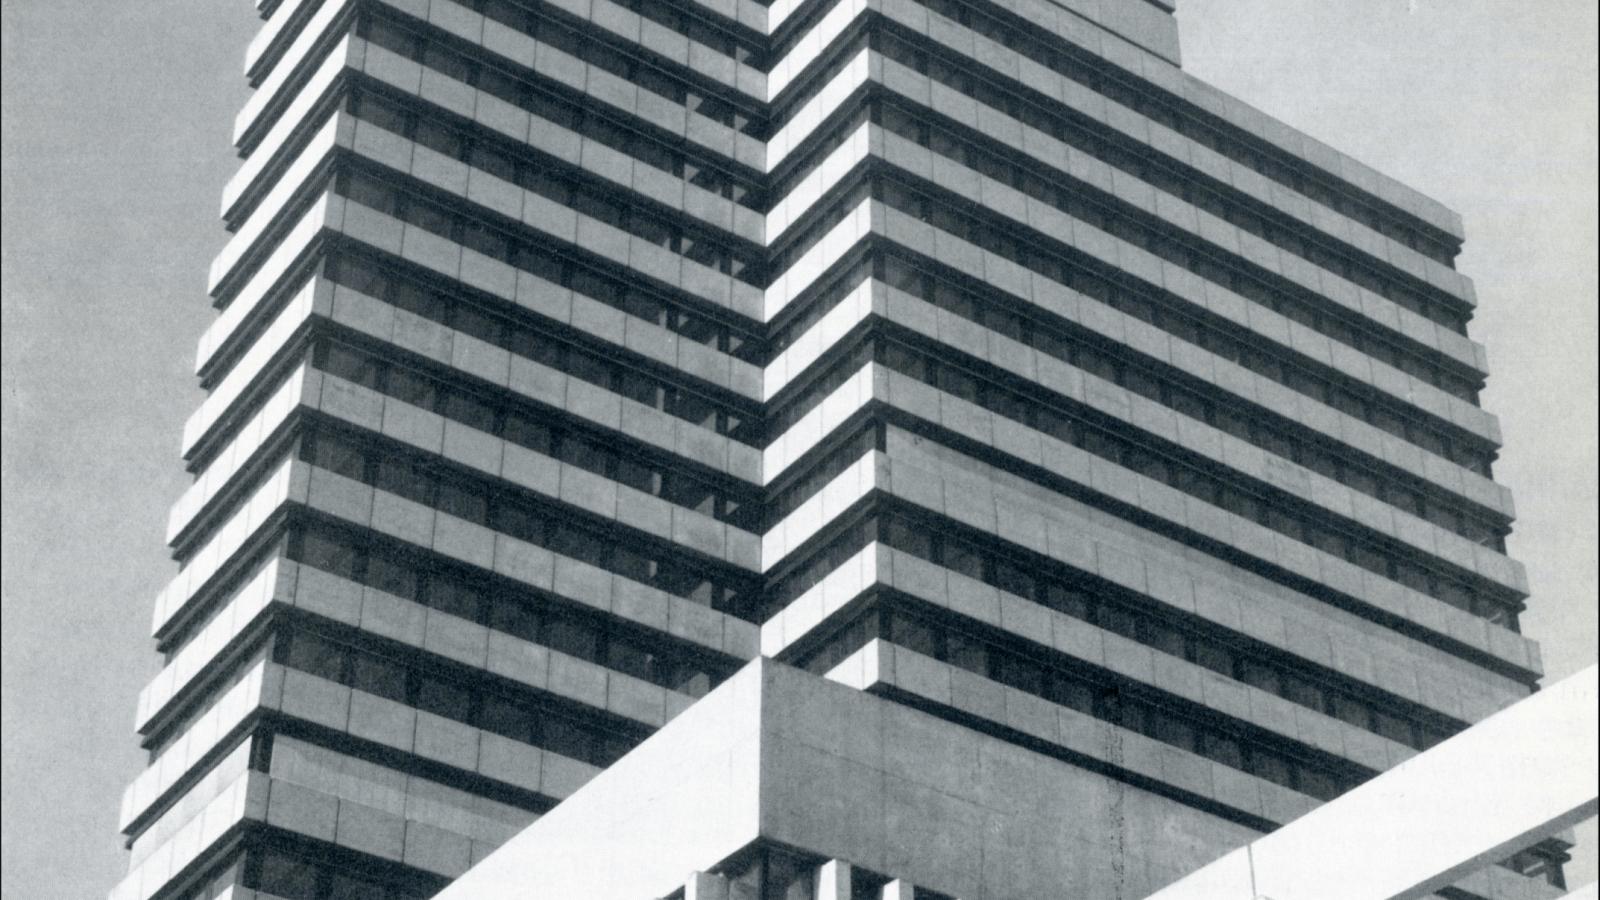 Bund Deutscher Architekten